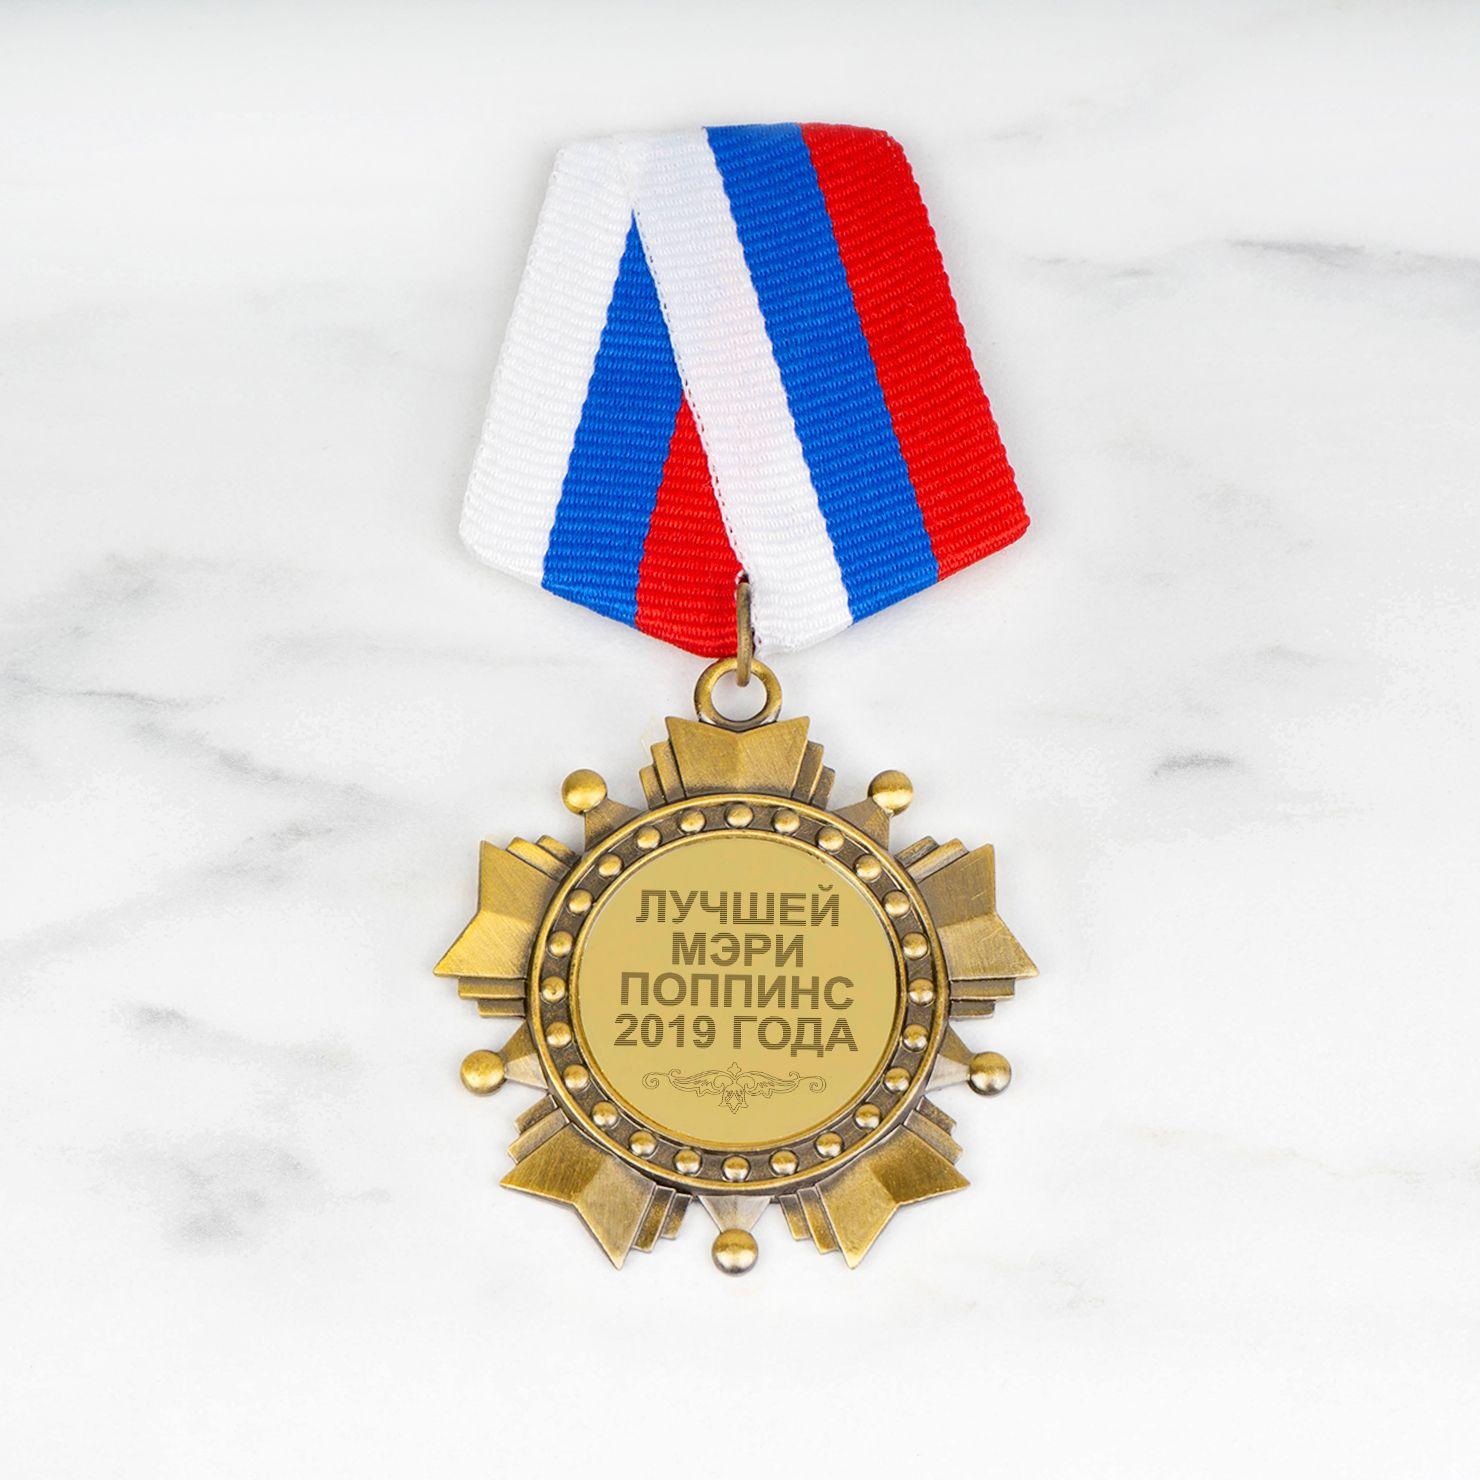 Орден *Лучшей Мэри Поппинс 2019 года*